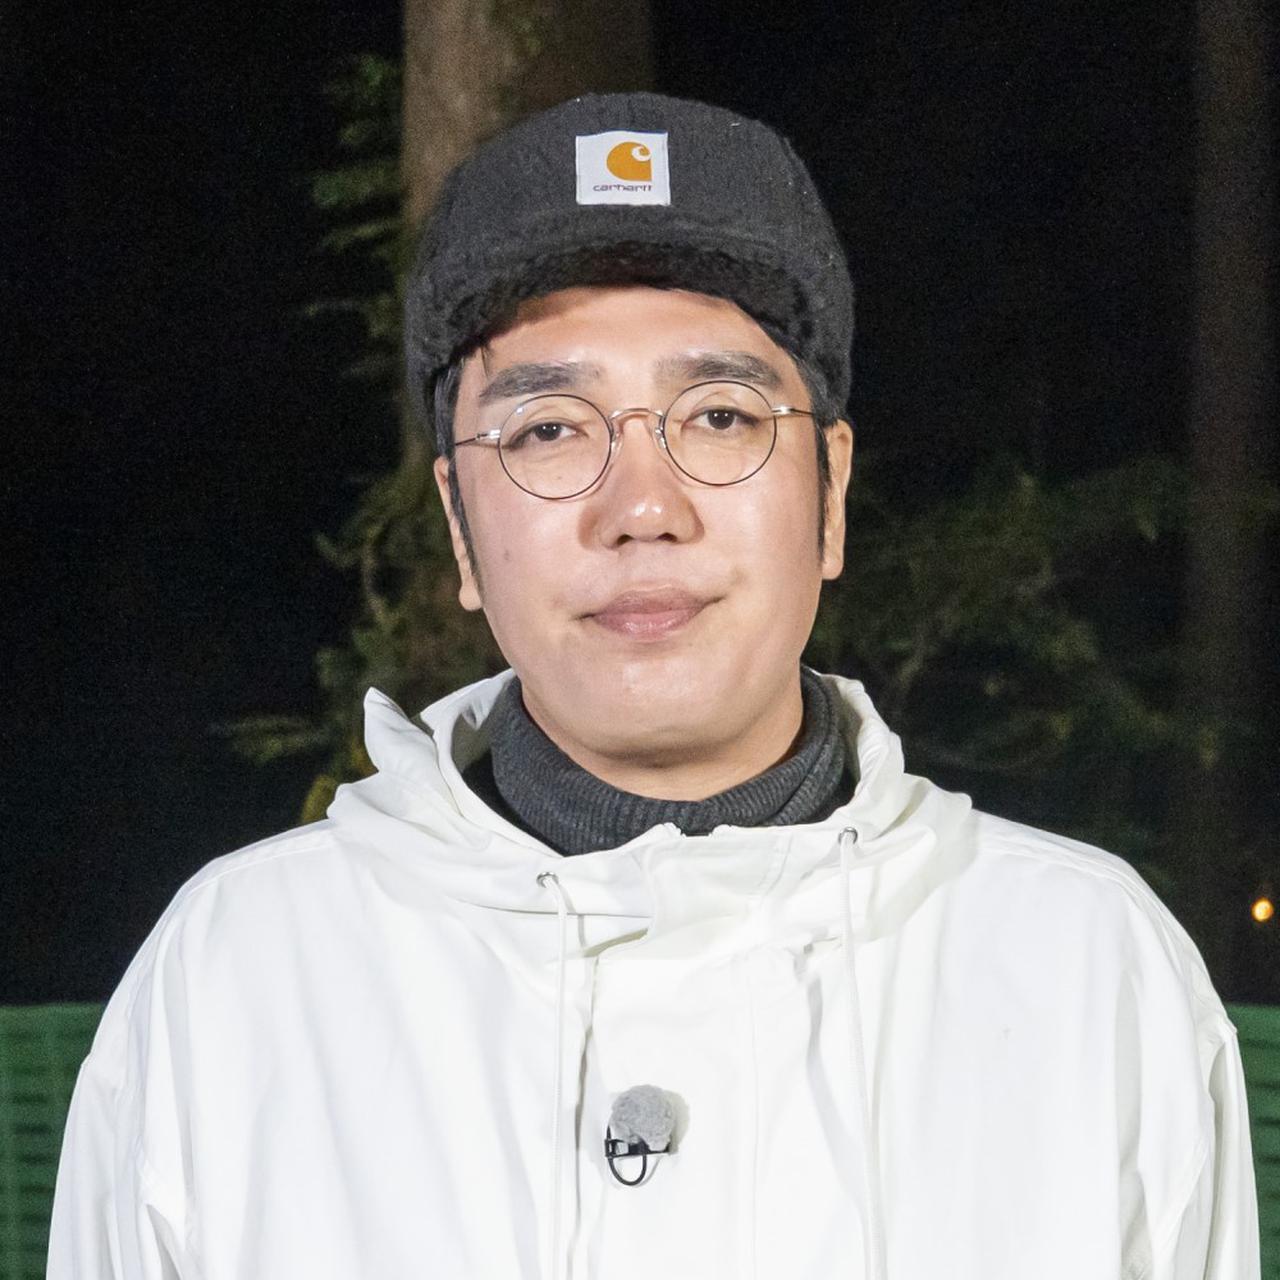 画像2: 小木さん